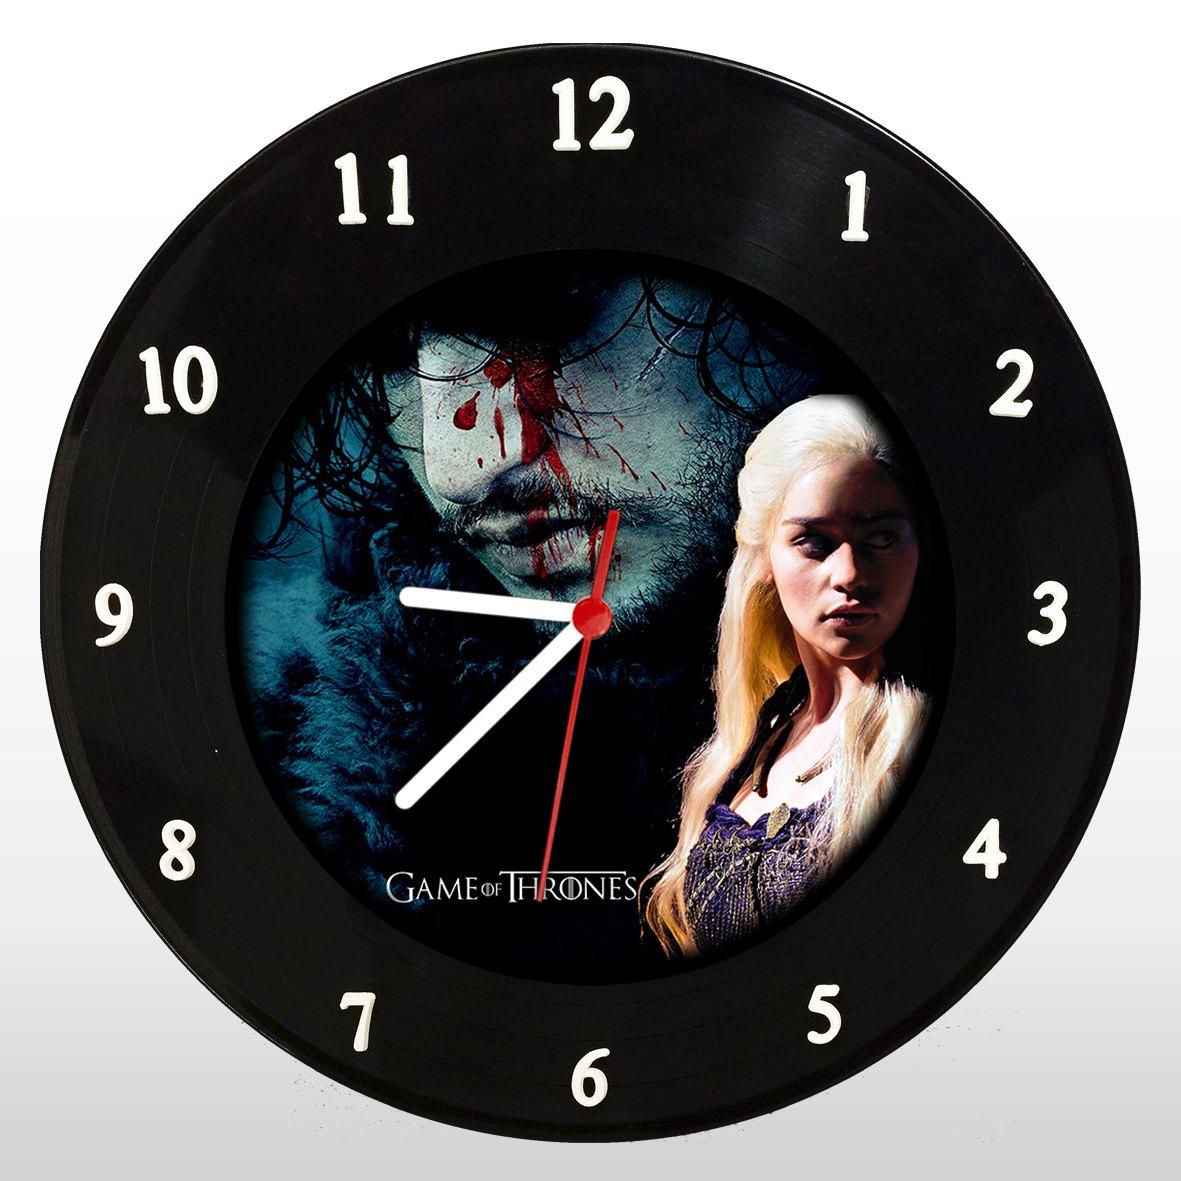 Game of Thrones - Relógio de Parede em Disco de Vinil - Mr. Rock